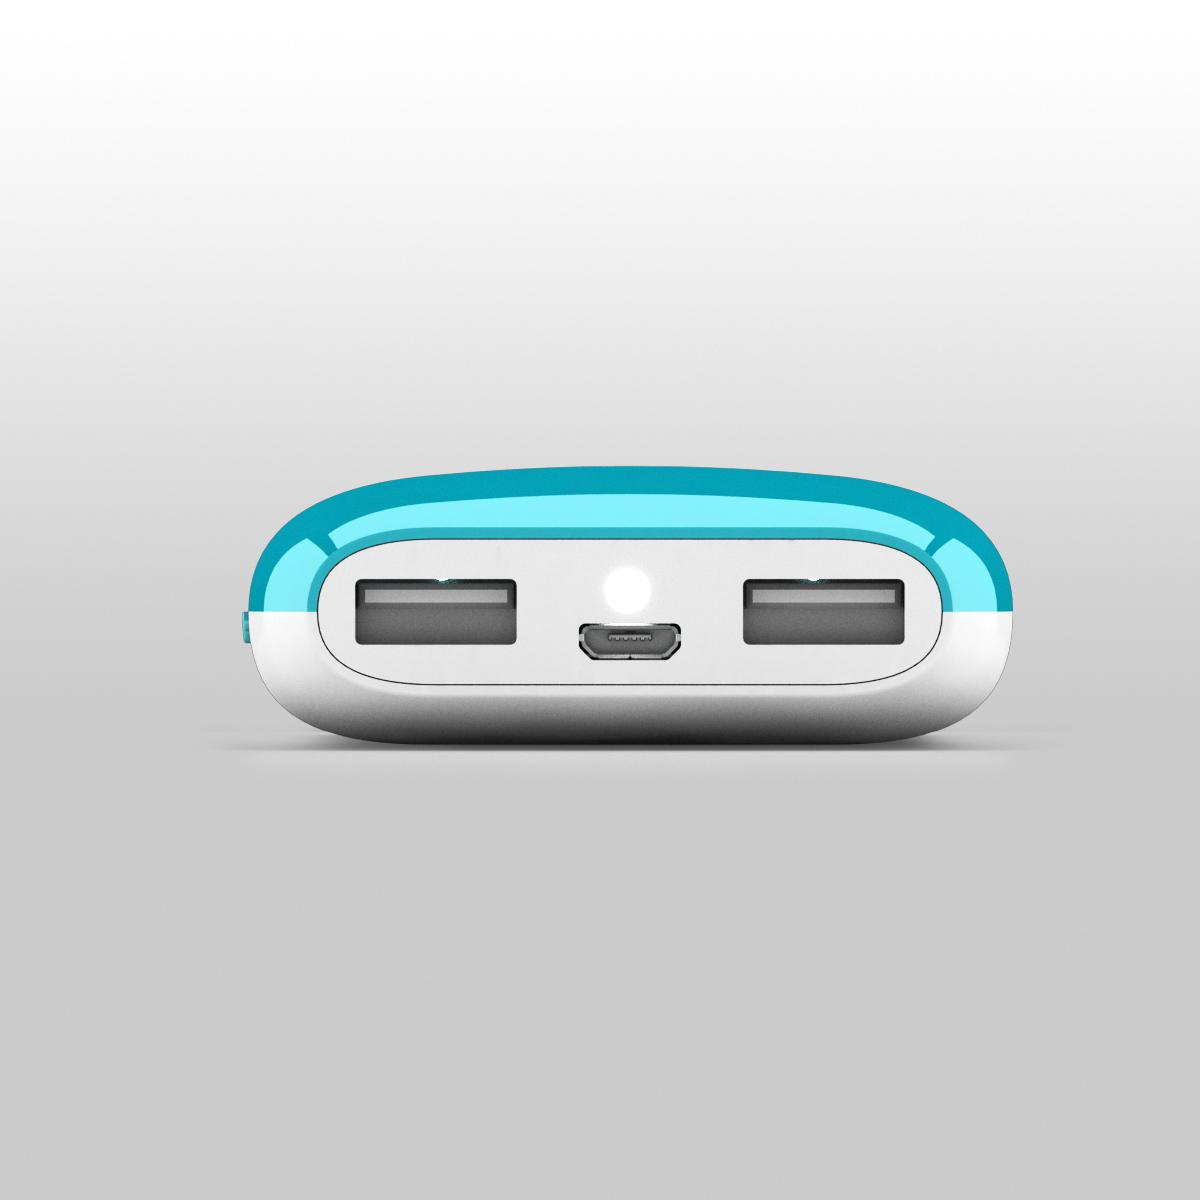 飞毛腿公司供应全省销量的飞毛腿L720移动电源——飞毛腿L720供应商